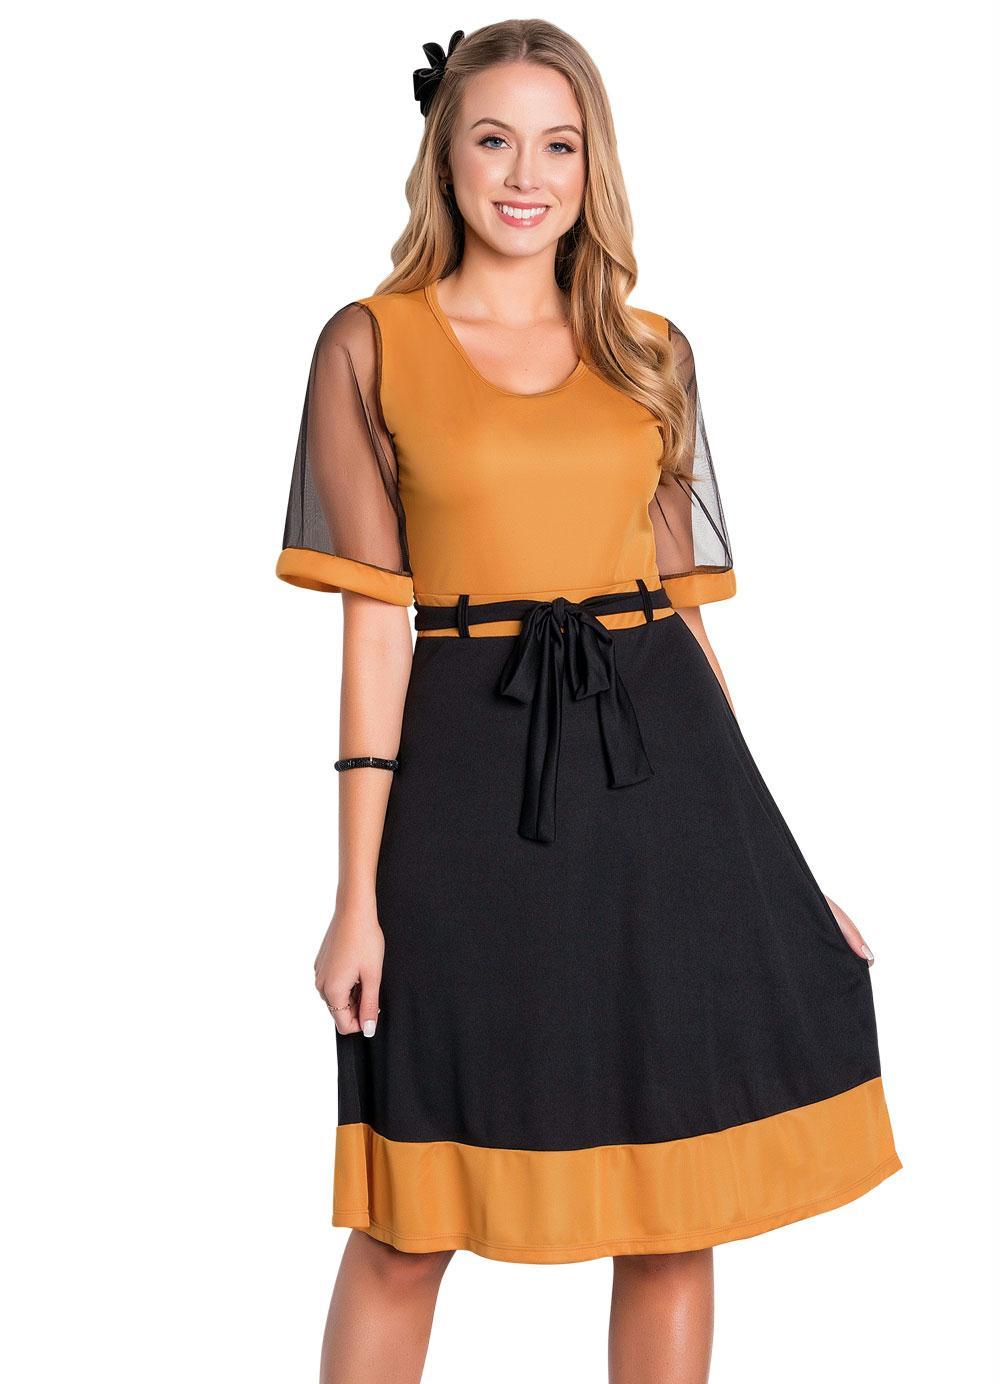 Rosalie - Vestido Bicolor Moda Evangélica com Tule